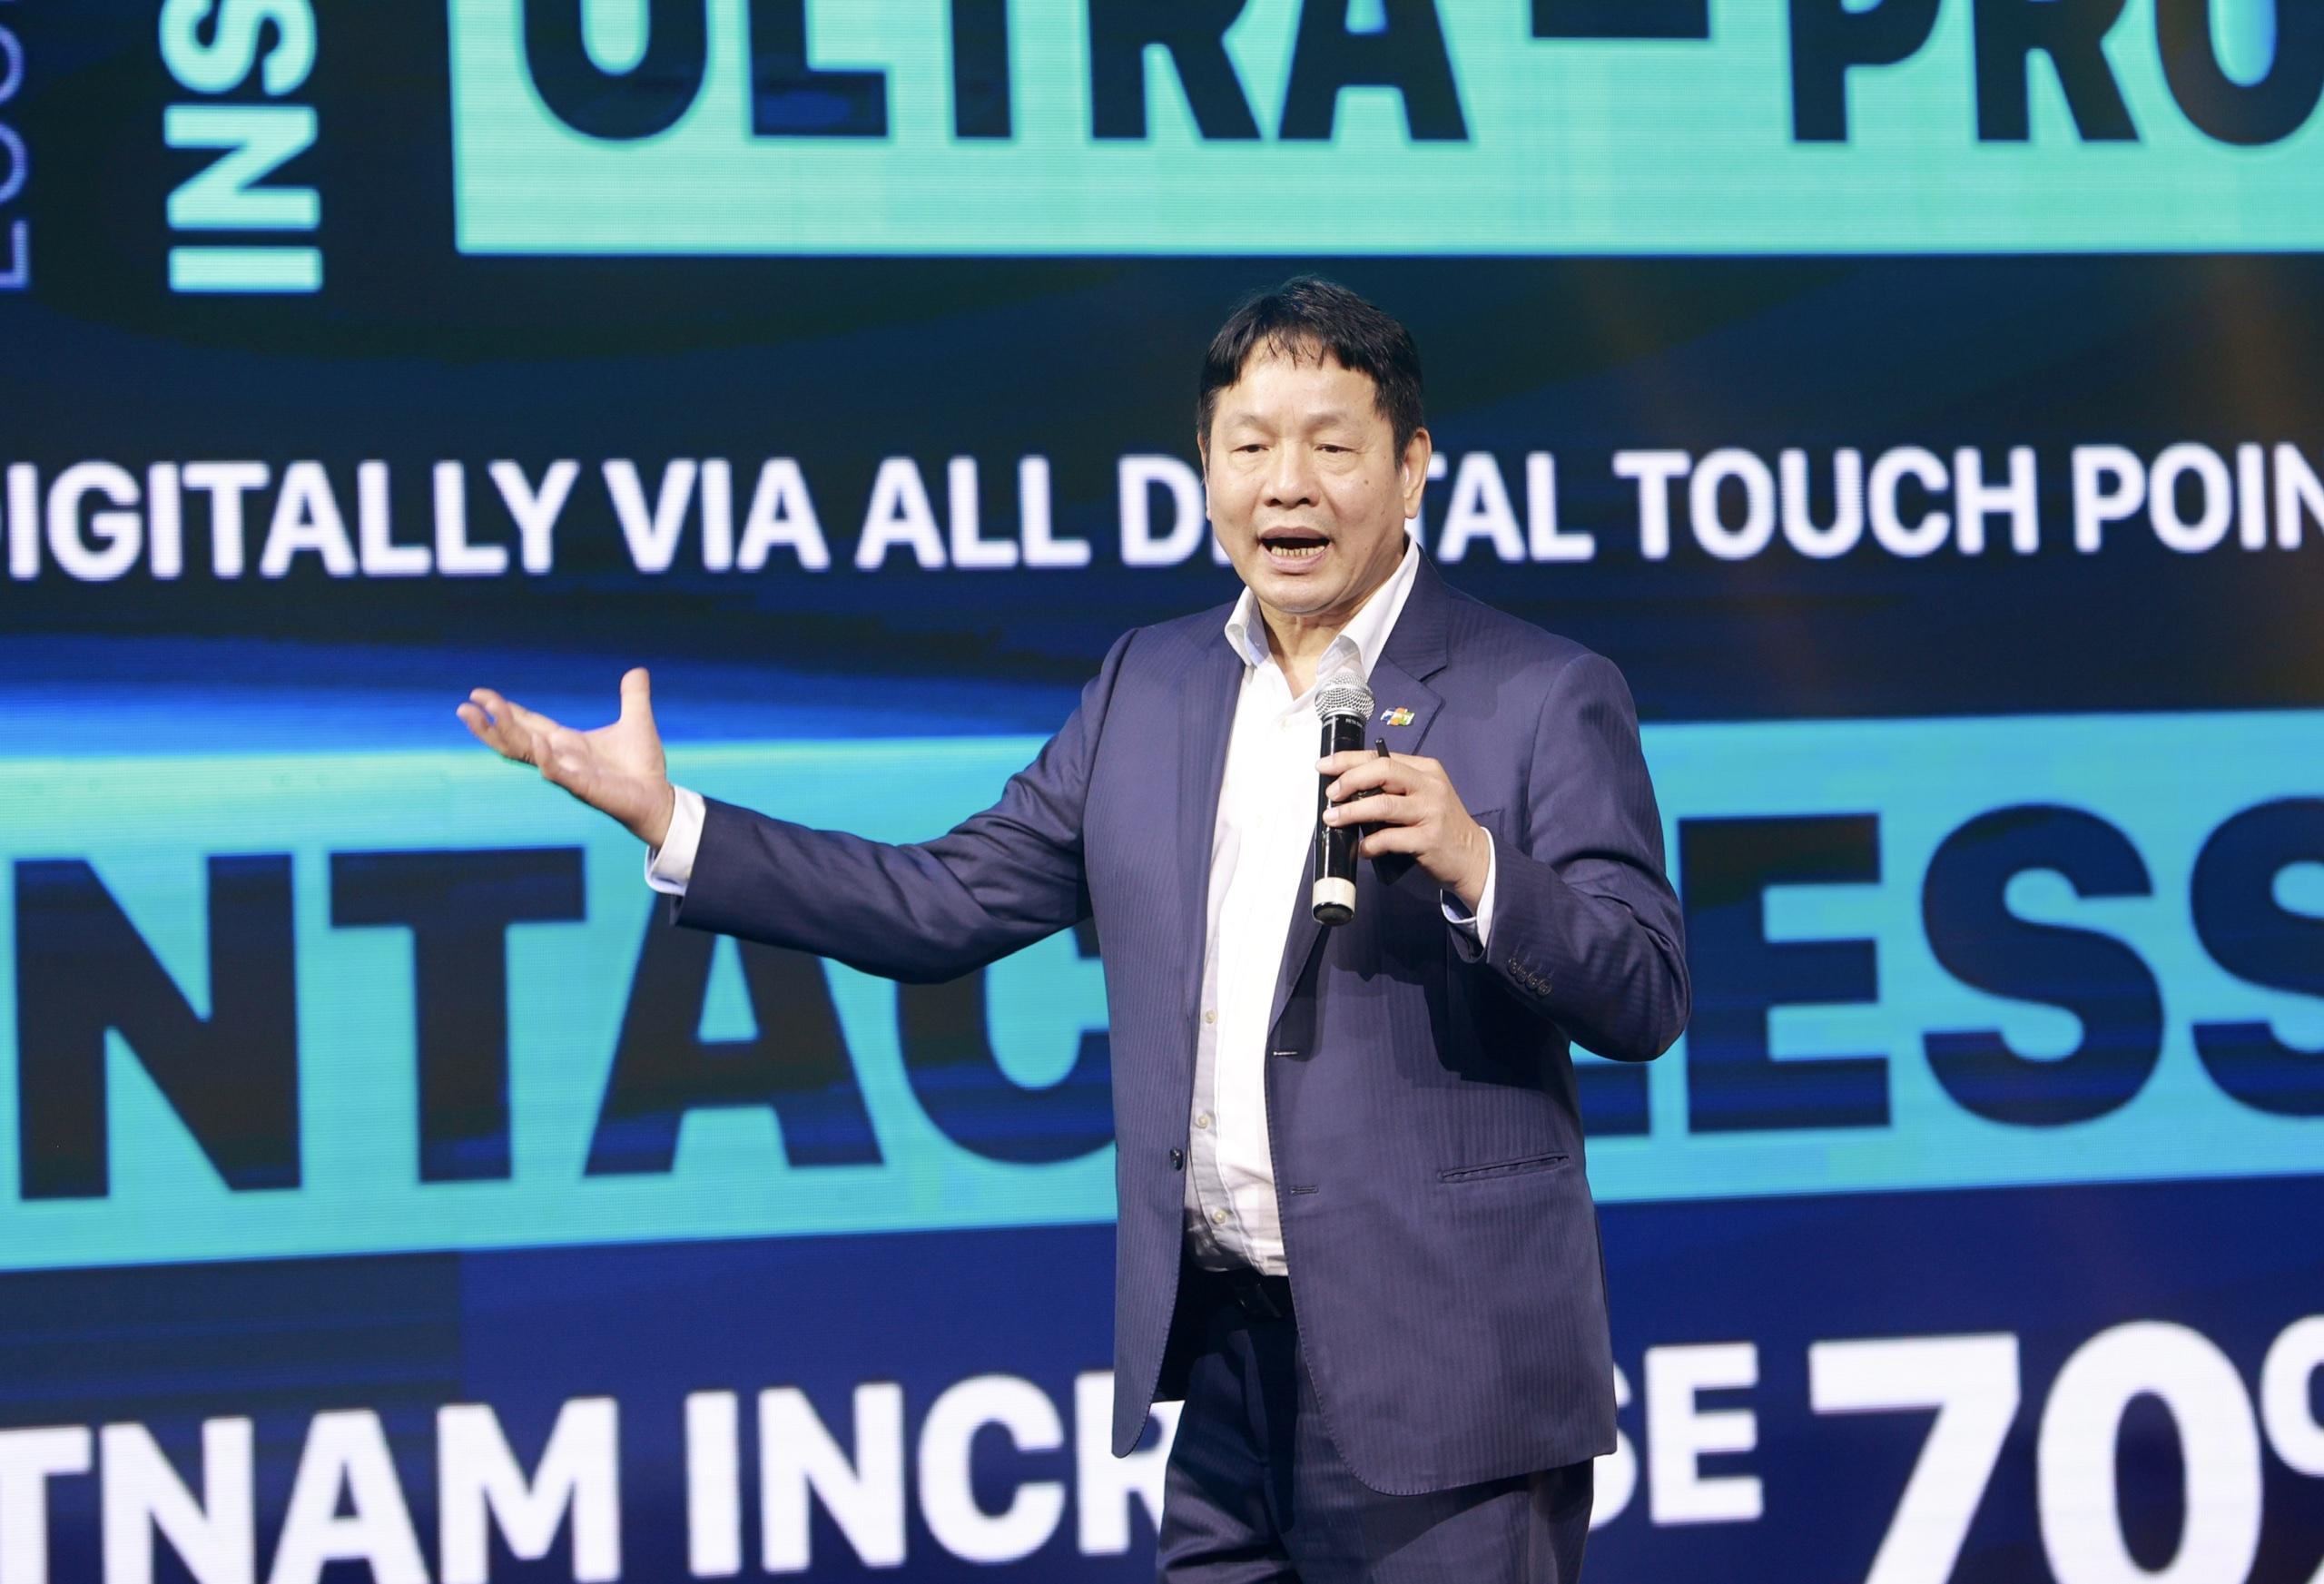 Chủ tịch FPT: Nhà công nghệ là những 'người hùng thời đại' - Ảnh 1.